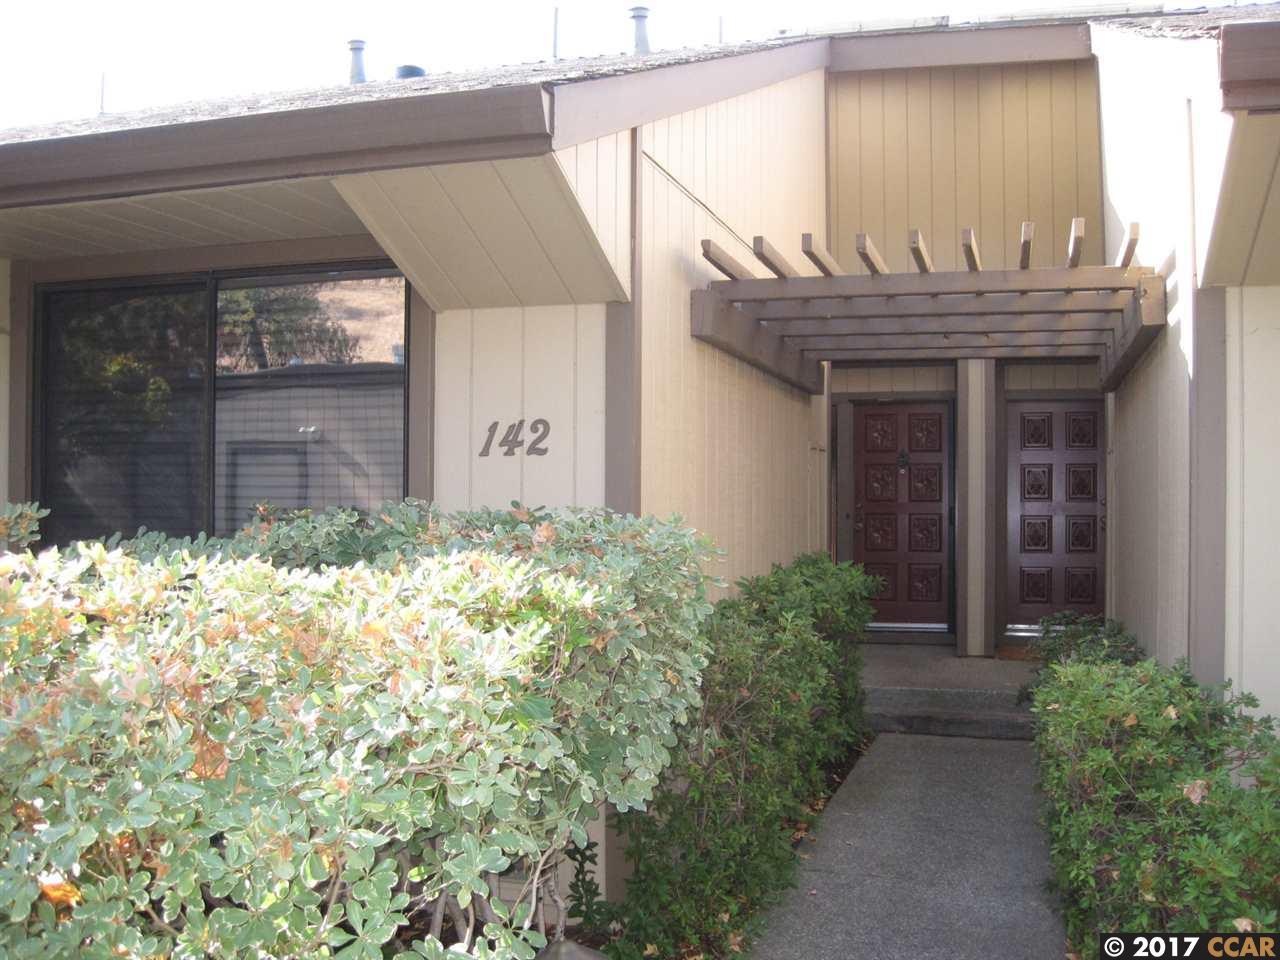 Condominium for Rent at 142 Alamo Square 142 Alamo Square Alamo, California 94507 United States